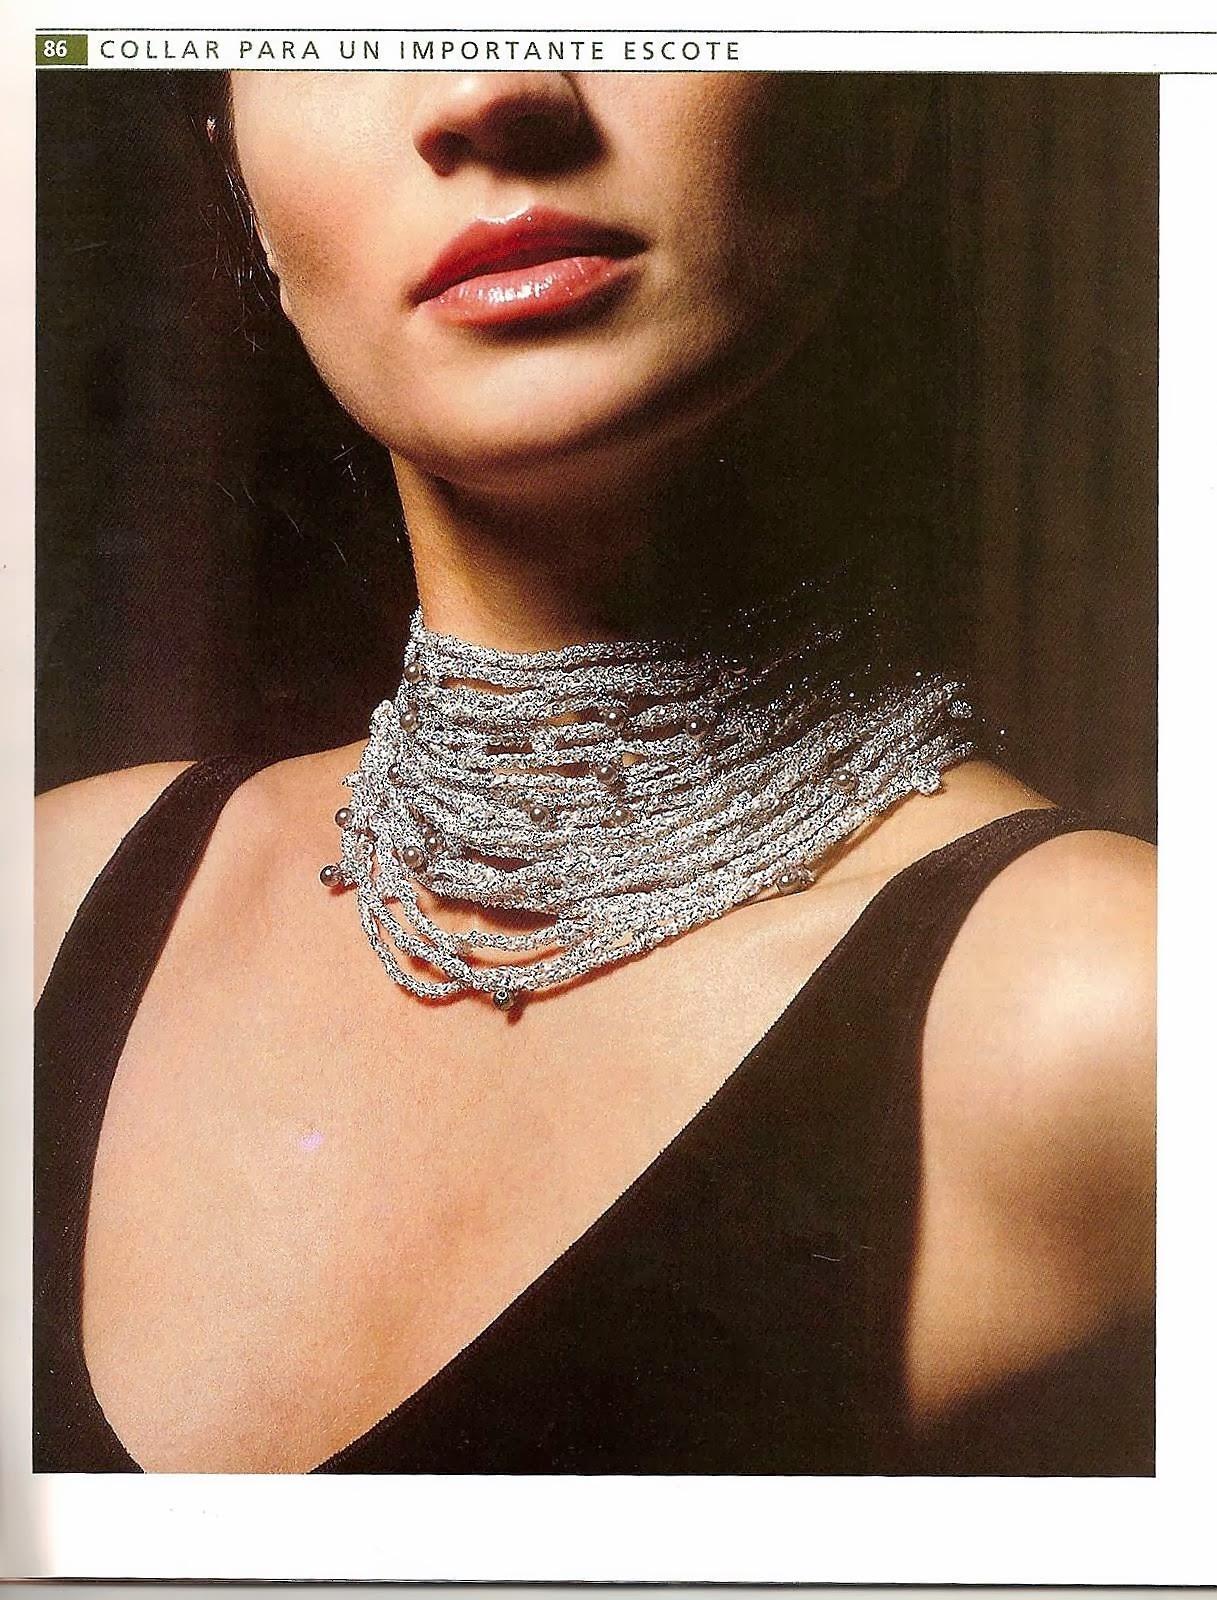 Collar Lurex con Perlas en Cadenetas Patron